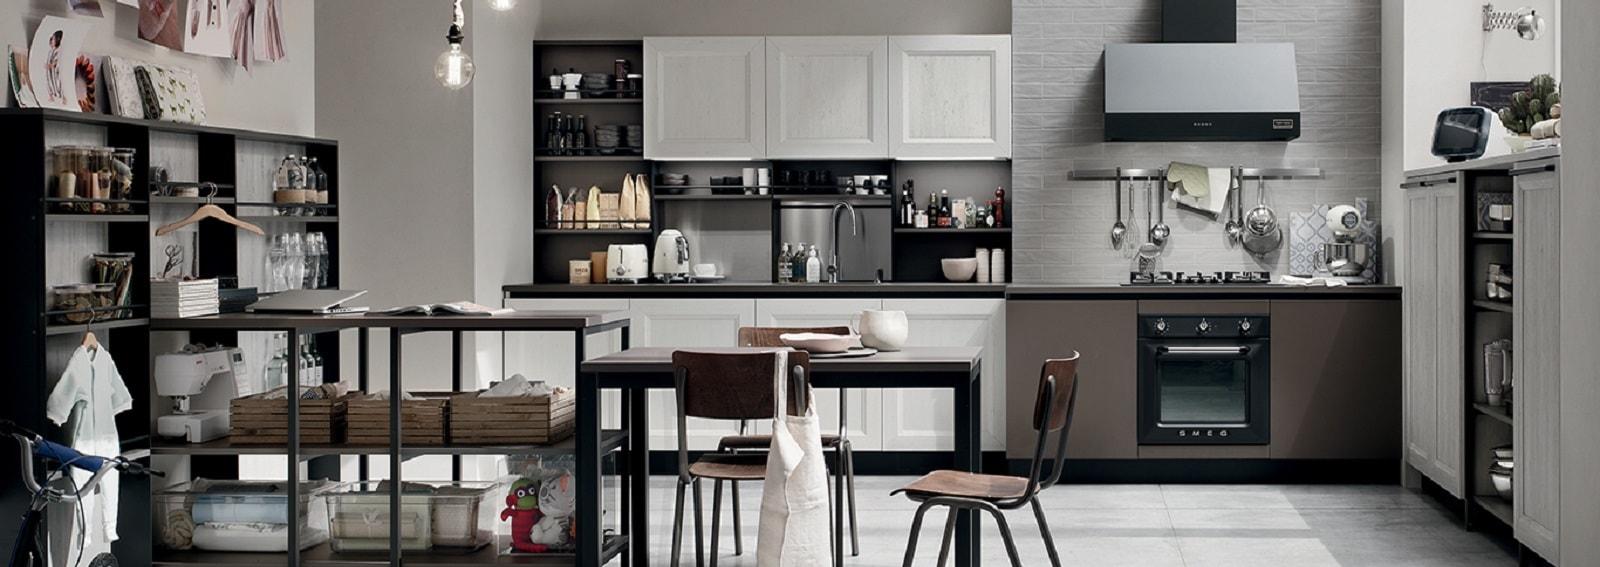 Veneta Cucine Desktop